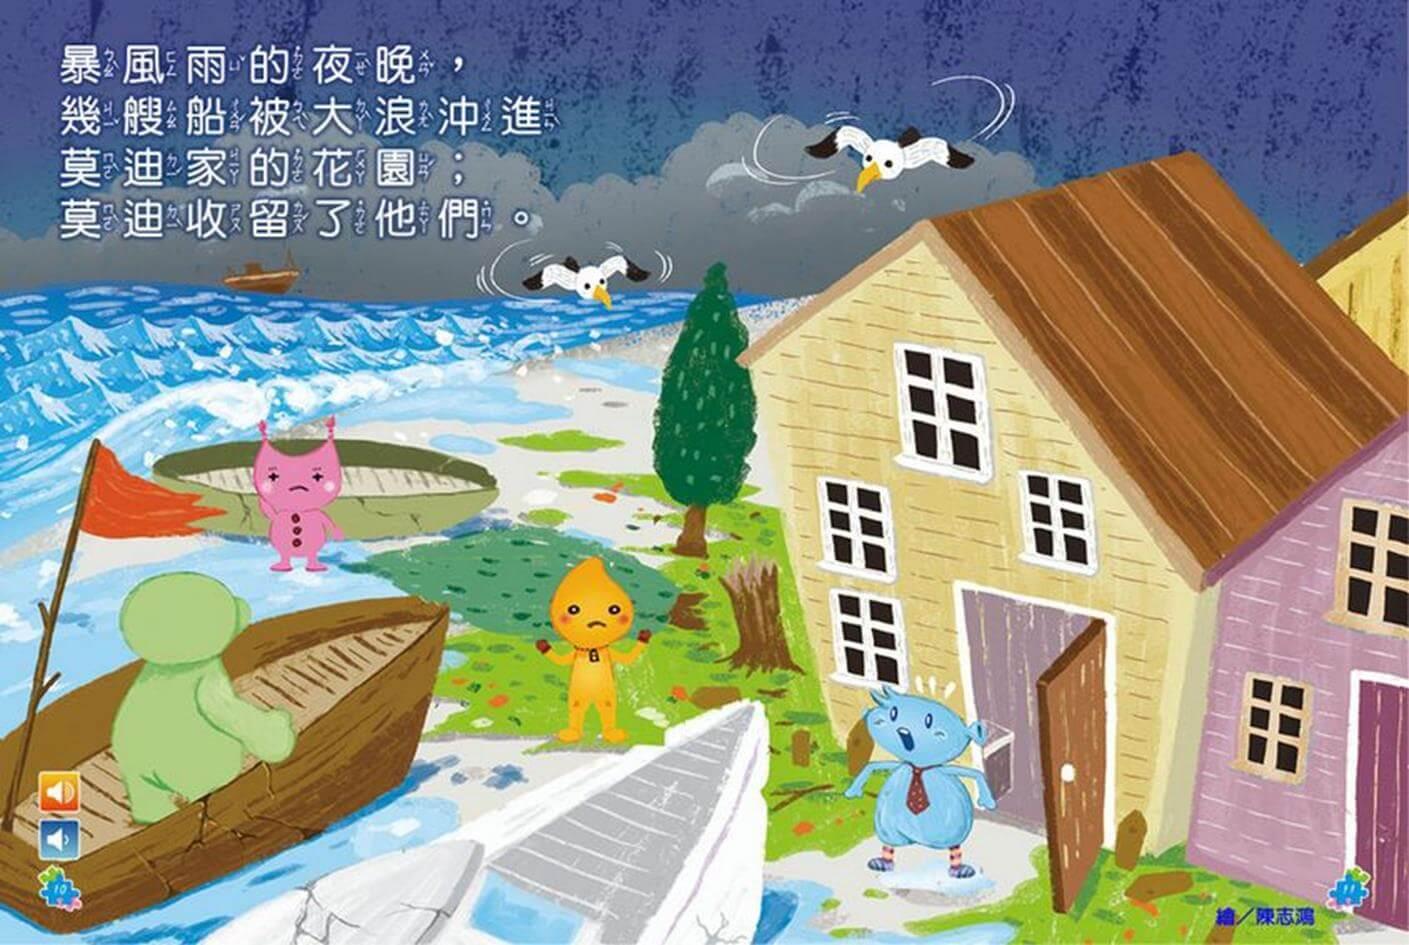 052916 1042 NO3 - 全國兒童樂園 小飛蛙月刊 NO.306 期出刊囉!